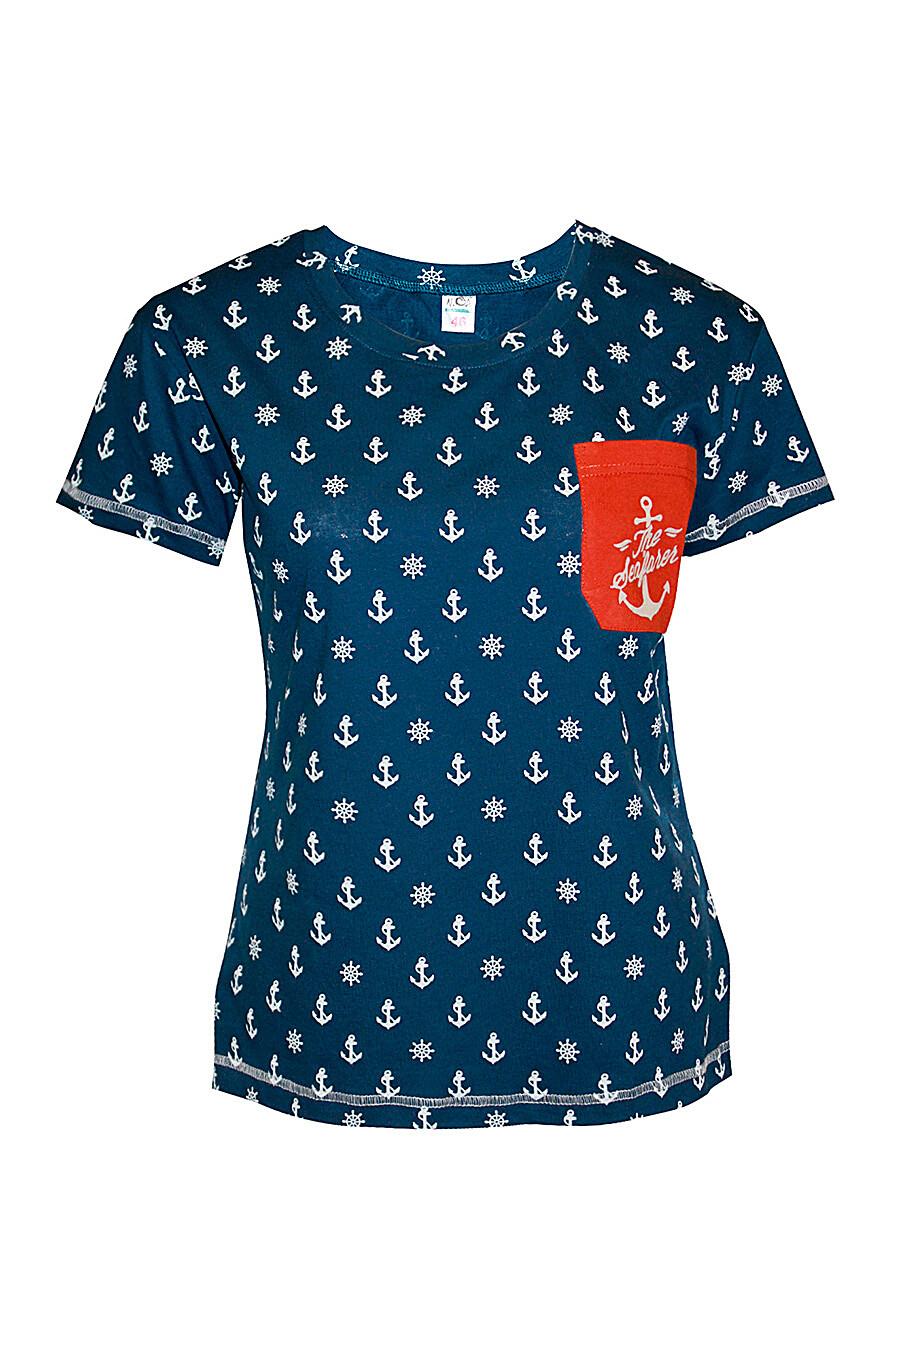 Футболка для женщин N.O.A. 239333 купить оптом от производителя. Совместная покупка женской одежды в OptMoyo